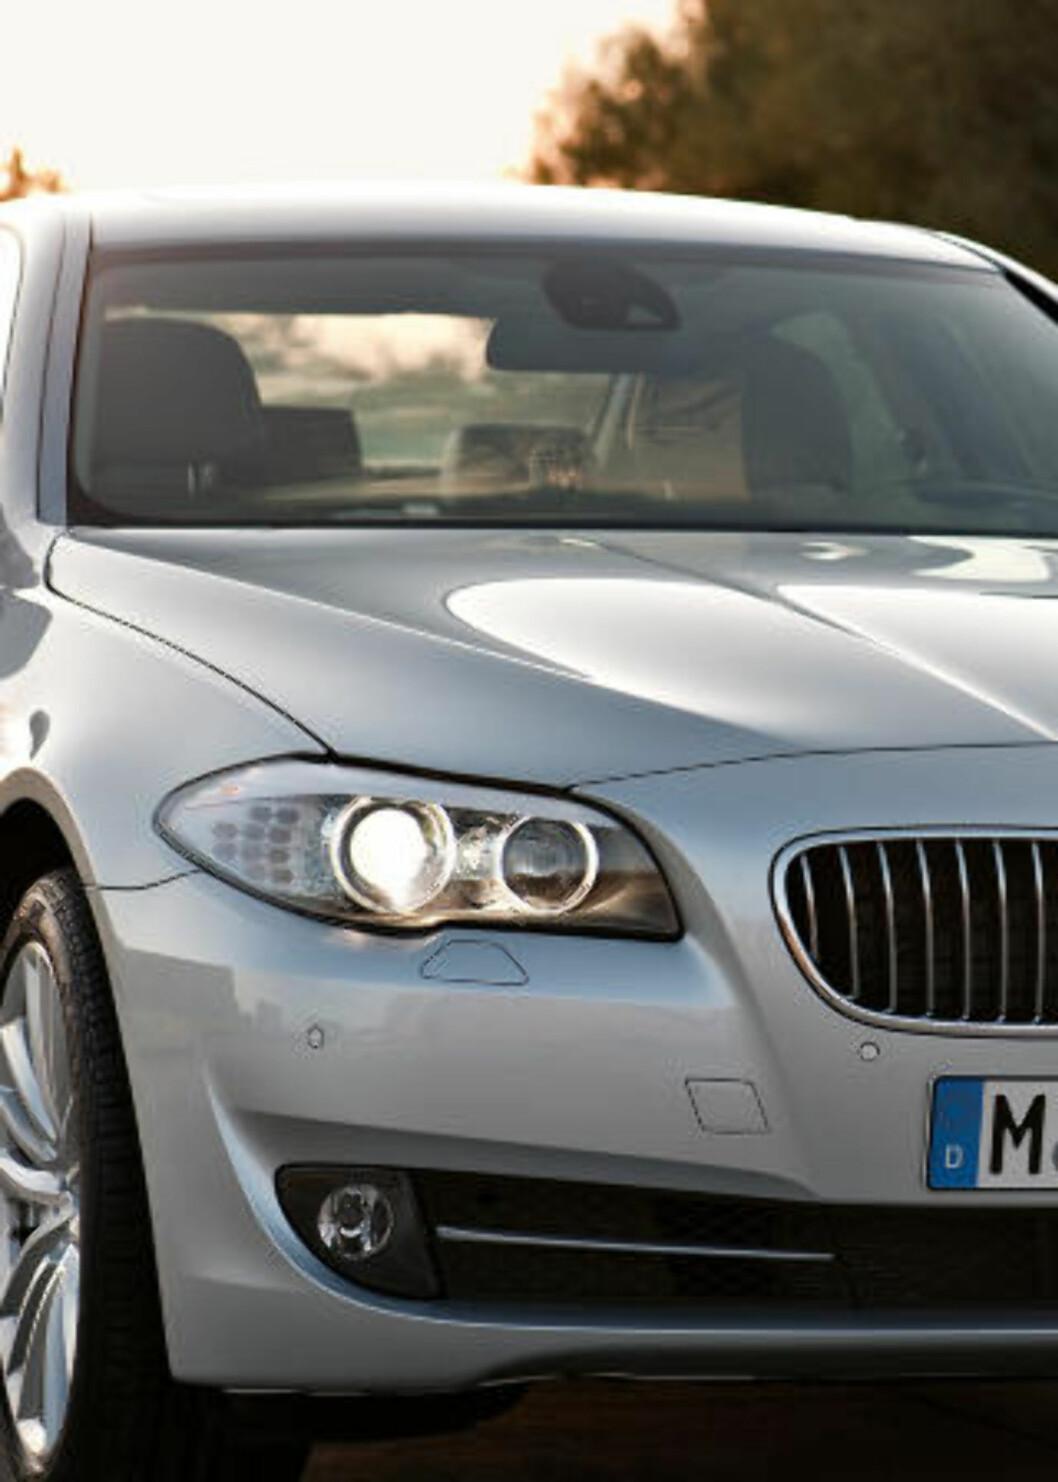 <strong>NORSK FAVORITT:</strong> 5-serien kombinerer BMWs sportslige image med forbedret komfort. Foto: SCANPIX